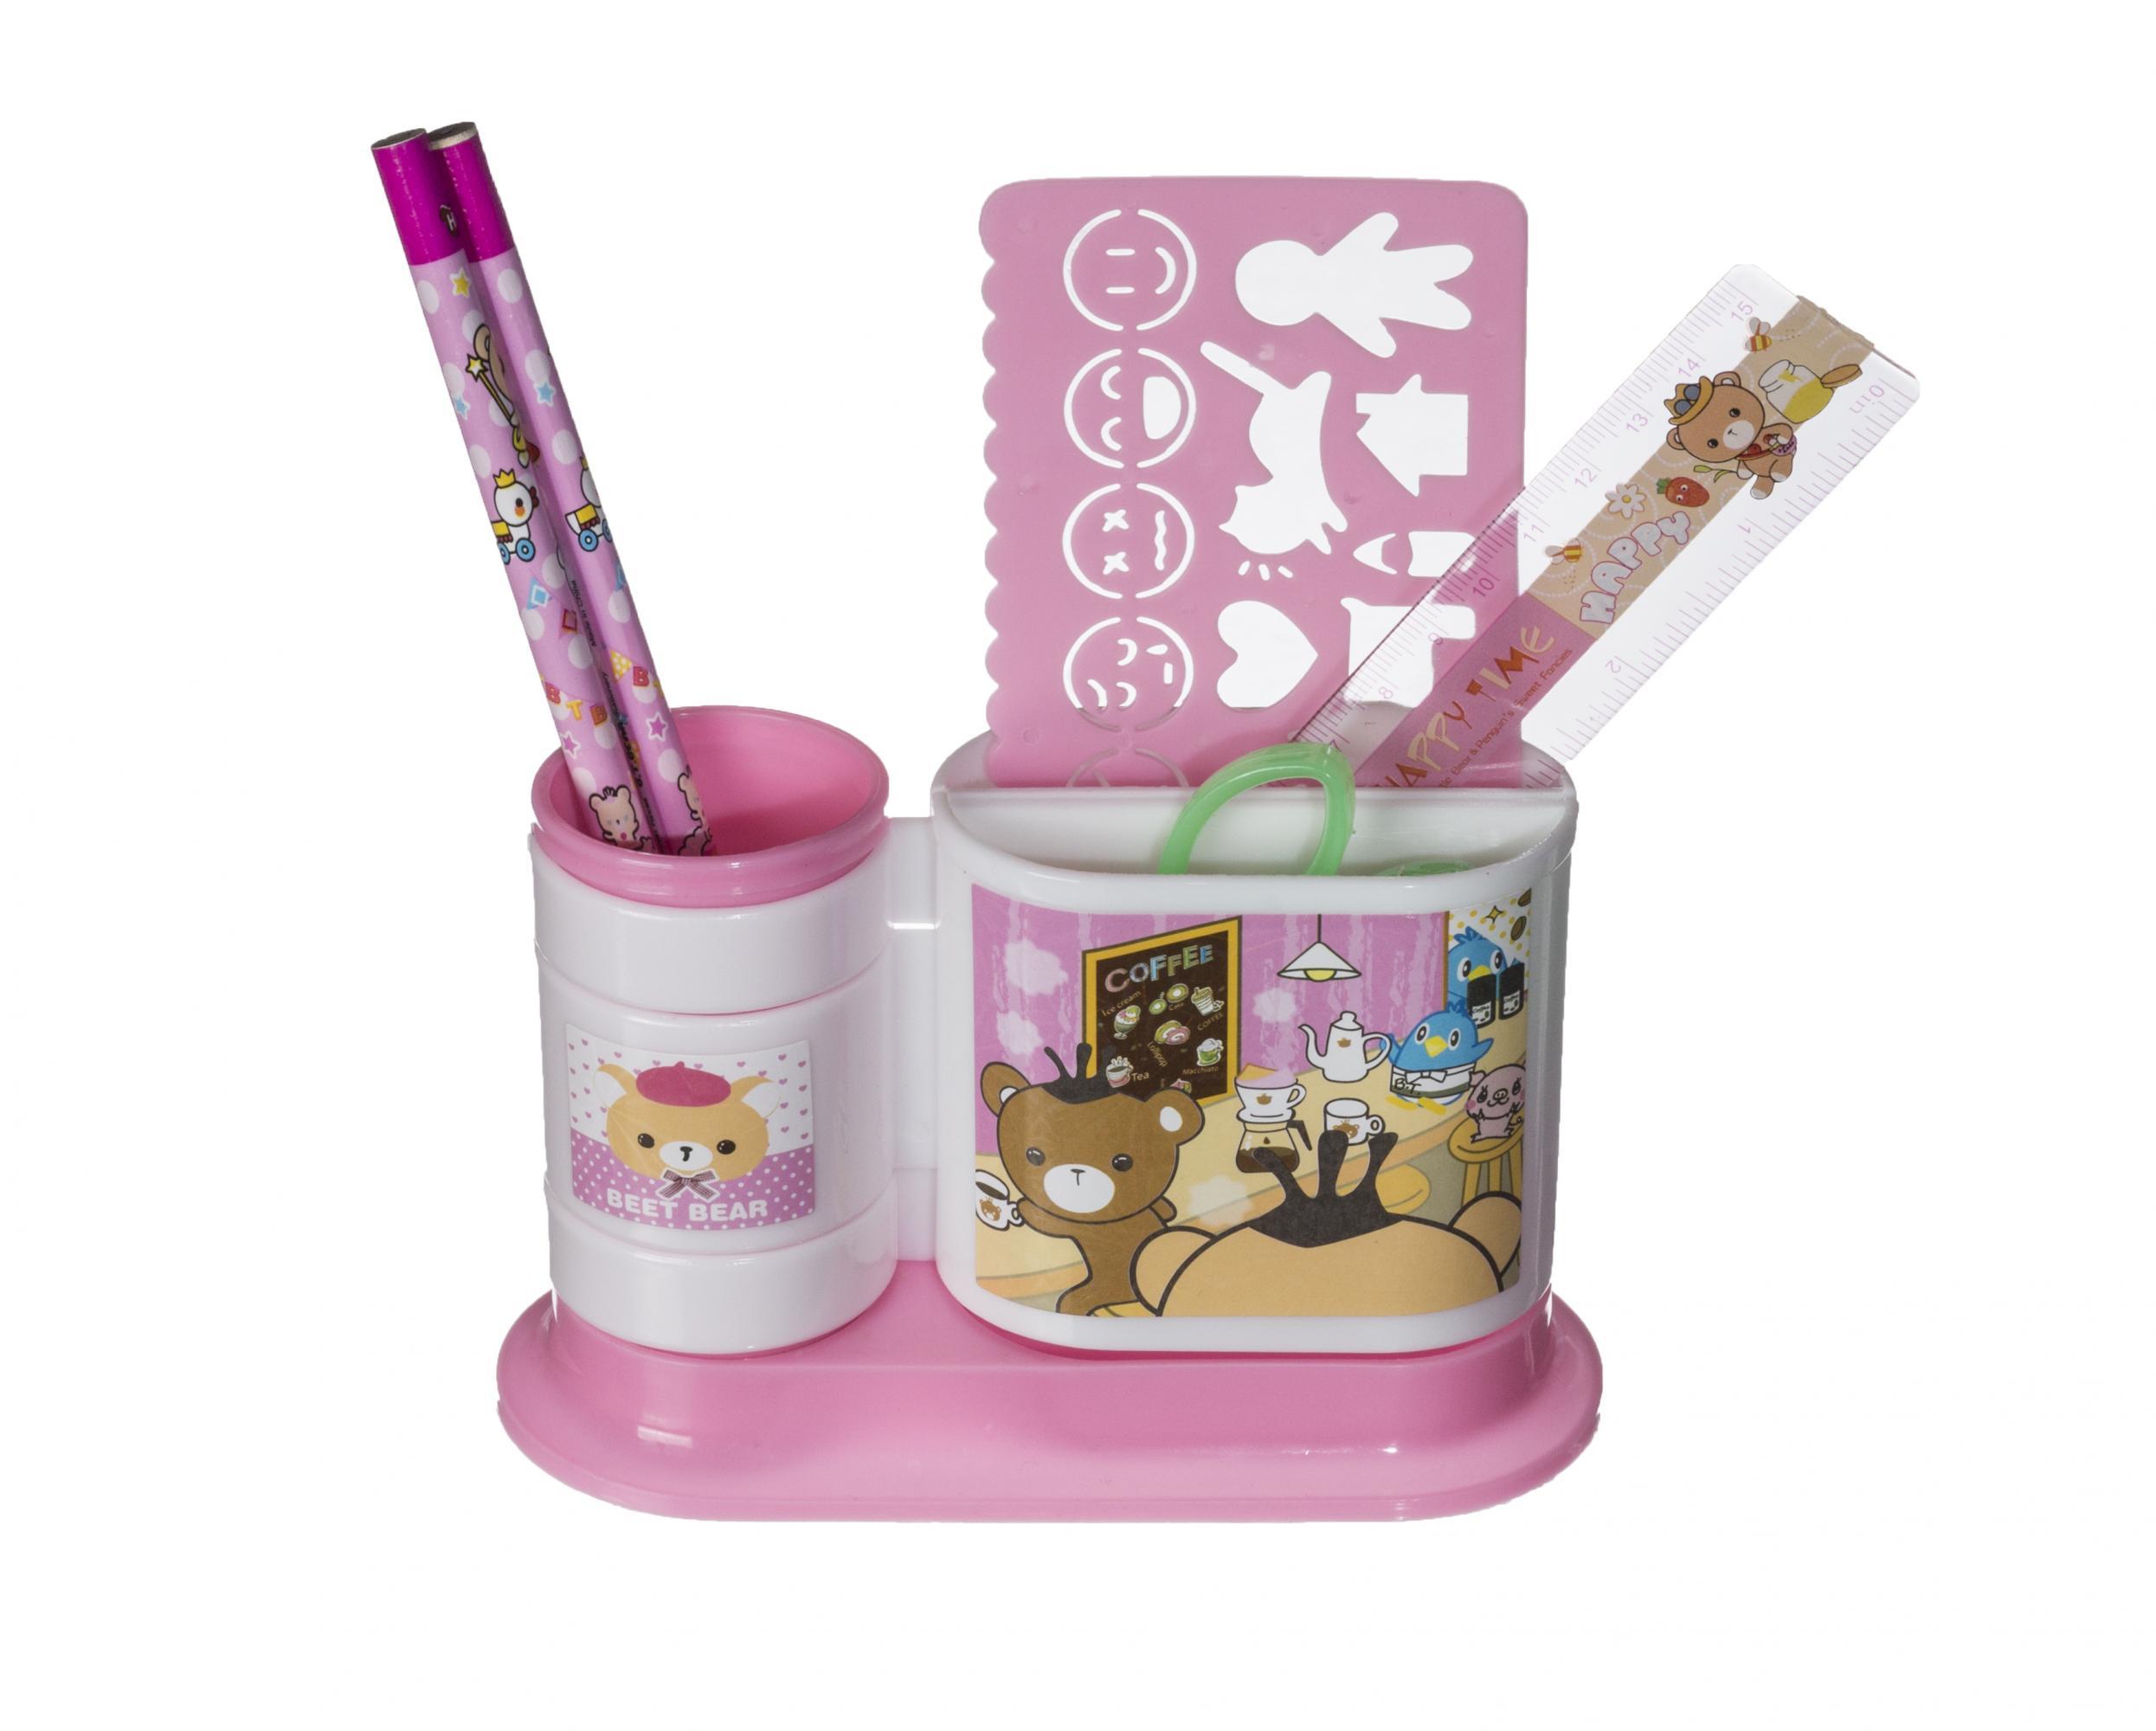 Набор канцтоваров подарочный EVO РозовыйАксессуары<br><br>Цвет: Розовый; Бренд: Mealux;